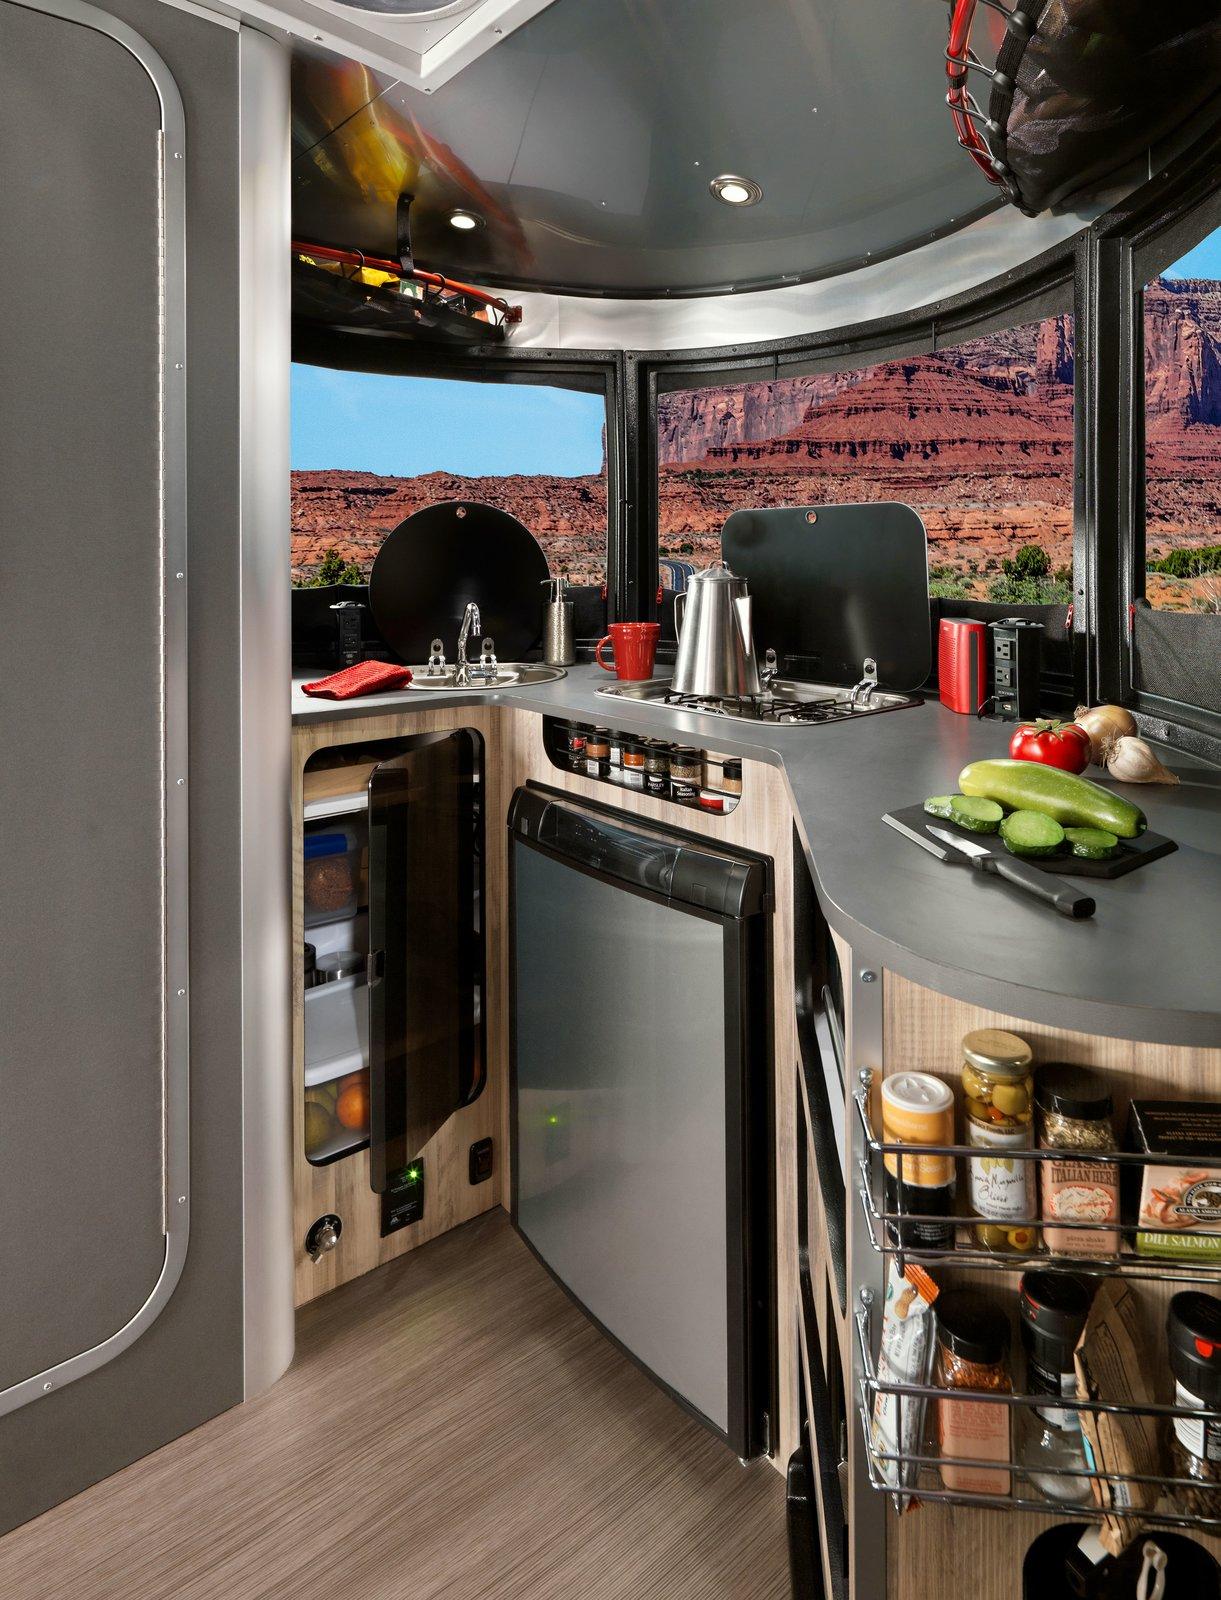 basecamp airstream adventure trailer kitchen